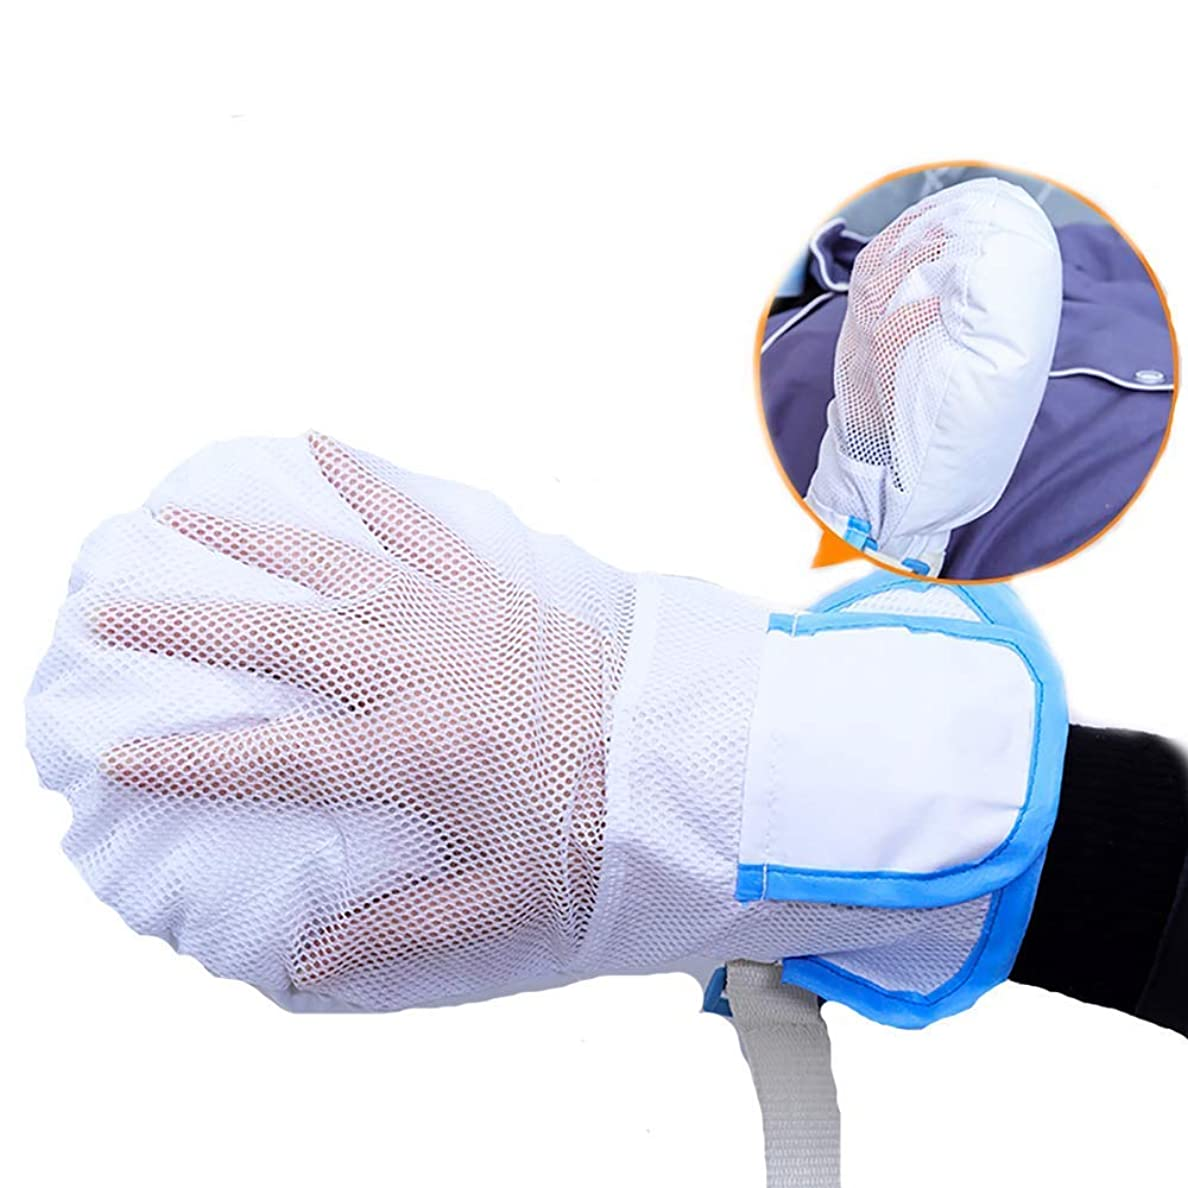 唯物論落ちた結婚式フィンガーコントロールミット、手の拘束、認知症安全拘束手袋ハンドプロテクターを保護します。 (1PCS)